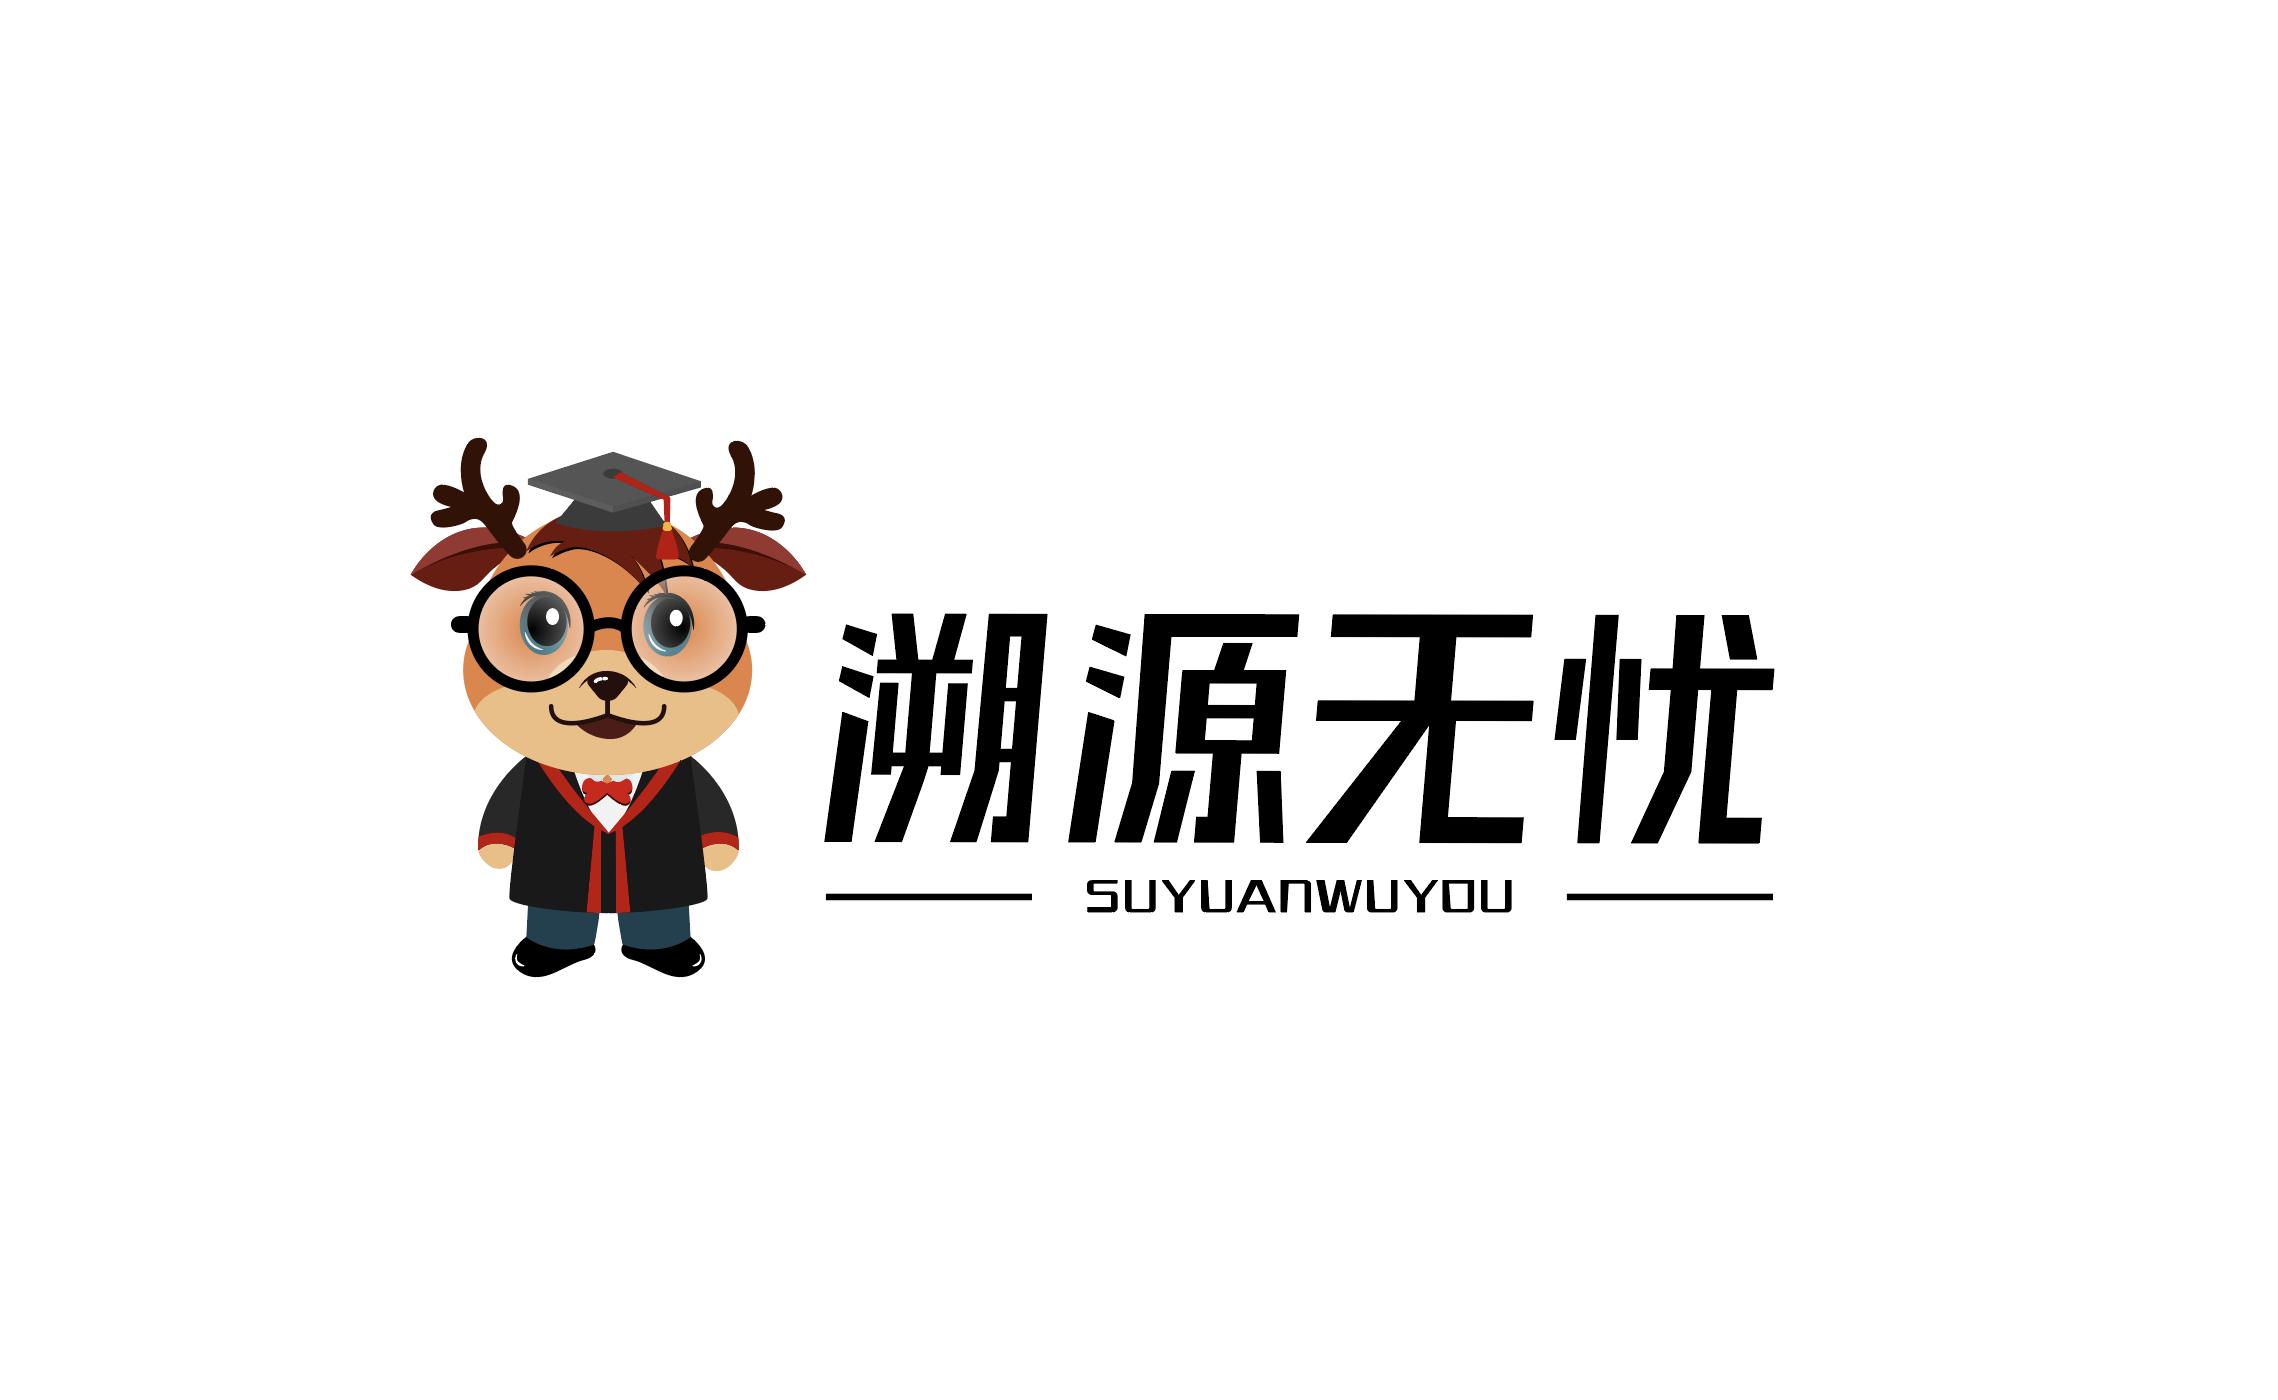 溯源无忧公司LOGO万博手机官网